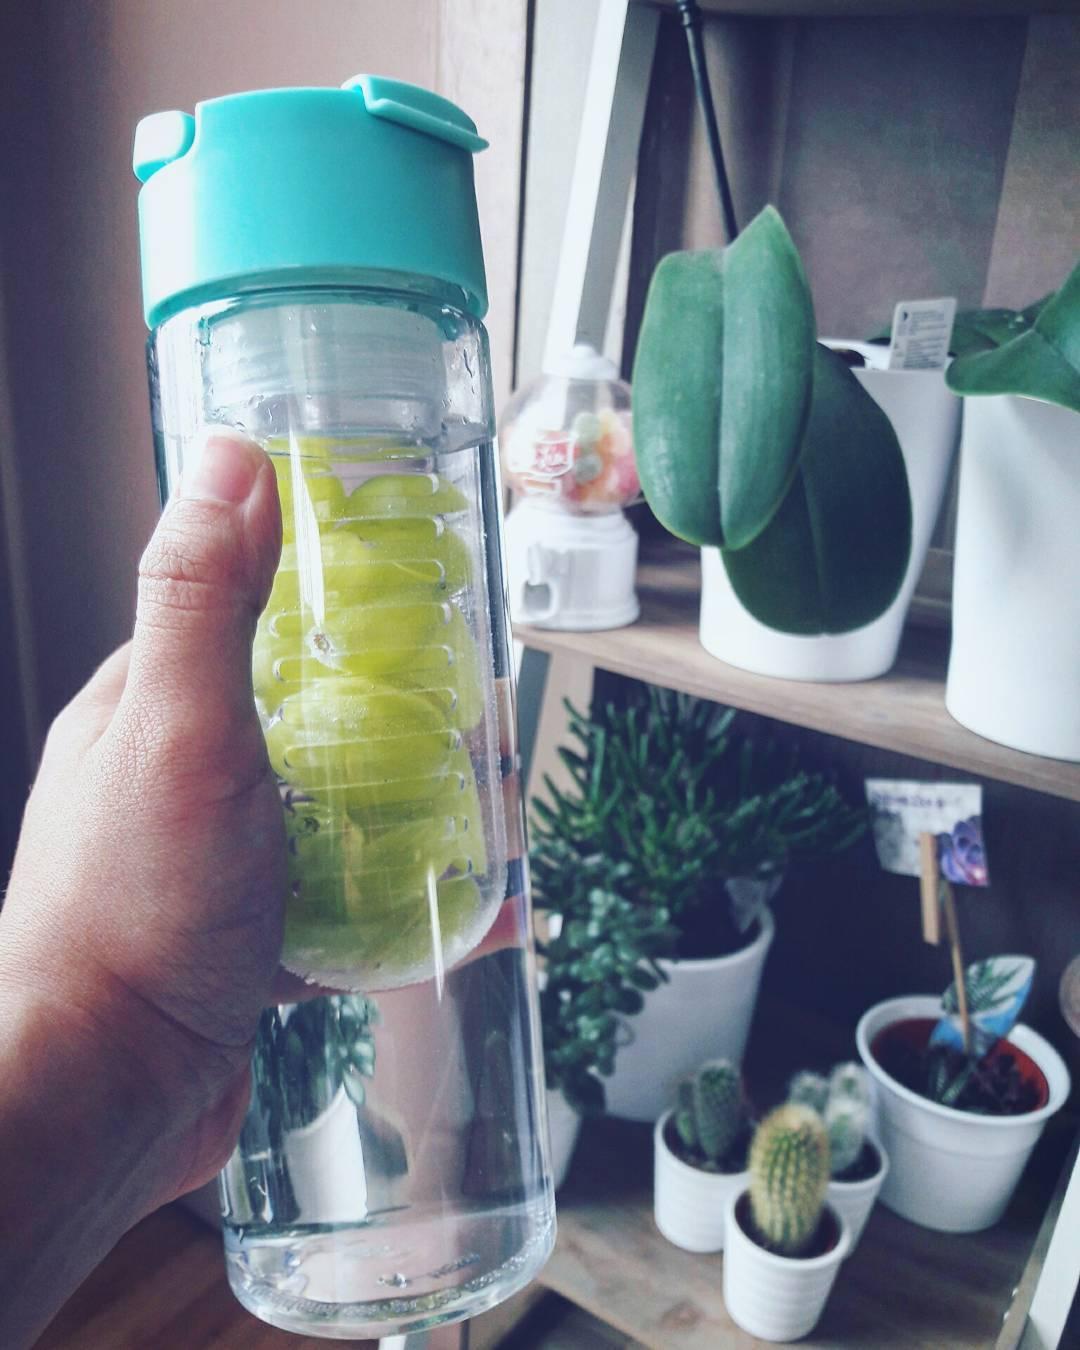 Bois de leau!!! 2me eau aromatise de la journe cehellip